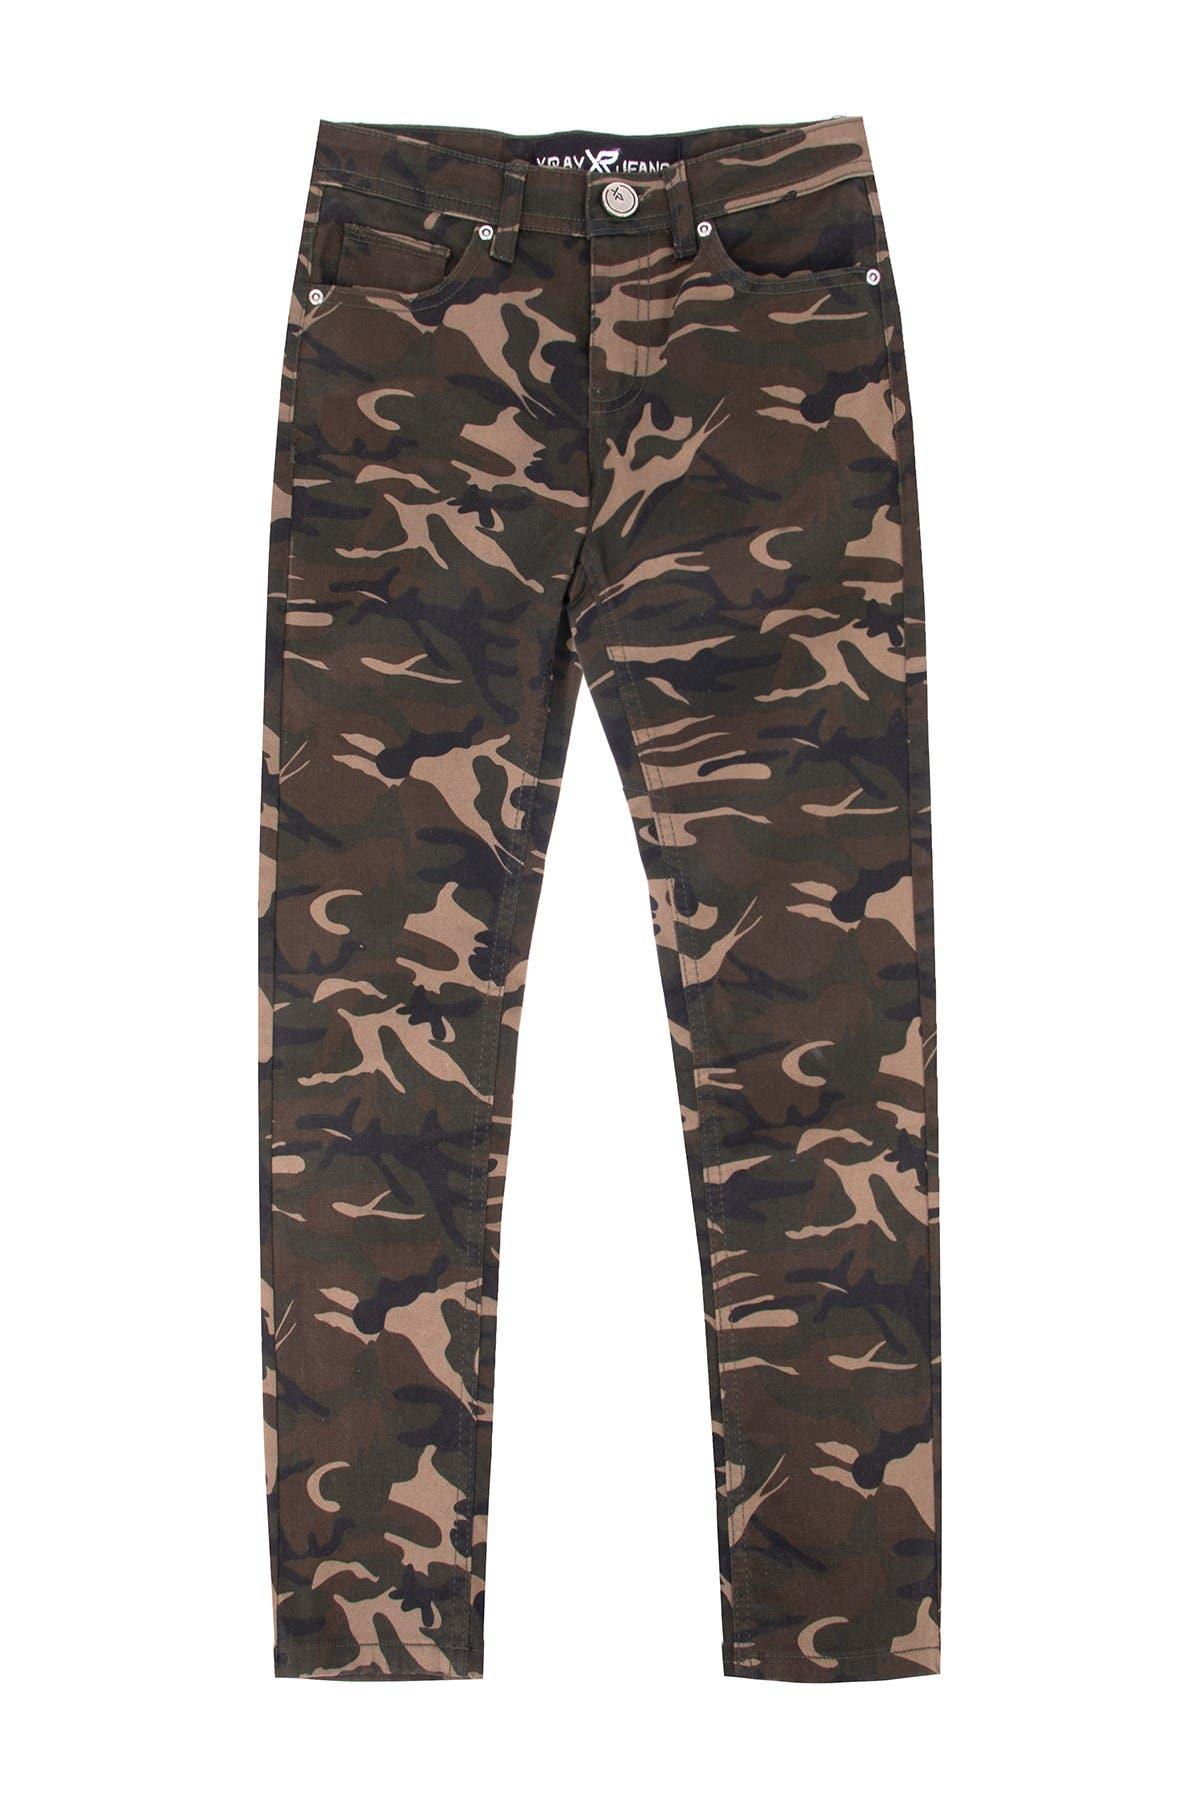 Image of XRAY Camo Print Jeans